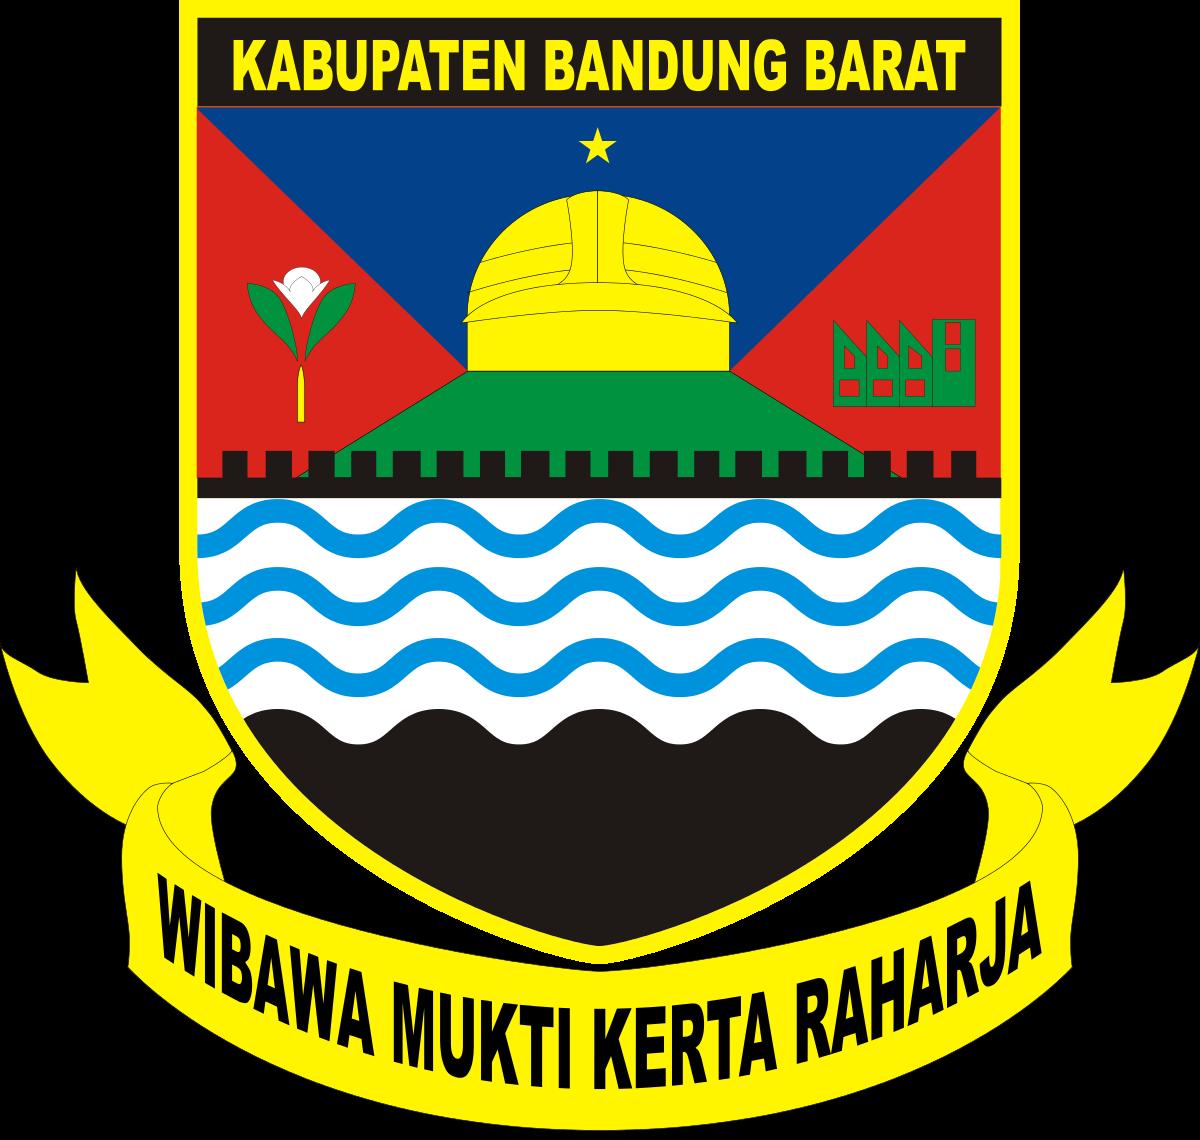 Kabupaten Bandung Barat Wikipedia Bahasa Indonesia Ensiklopedia Bebas Taman Begonia